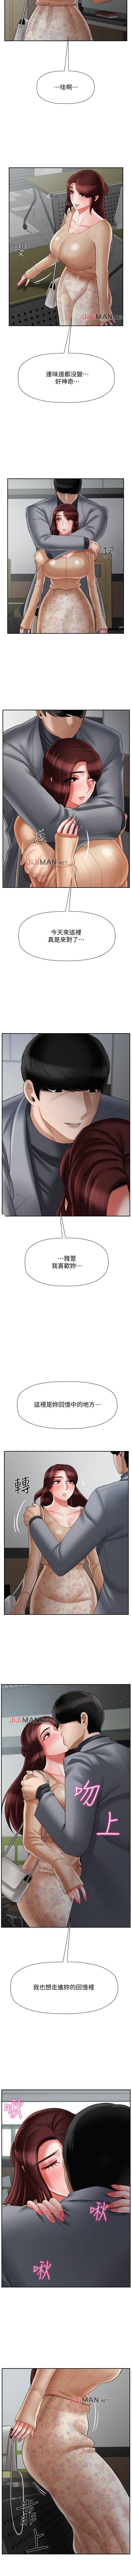 【已休刊】坏老师(作者:朴世談&福) 第1~31话 186